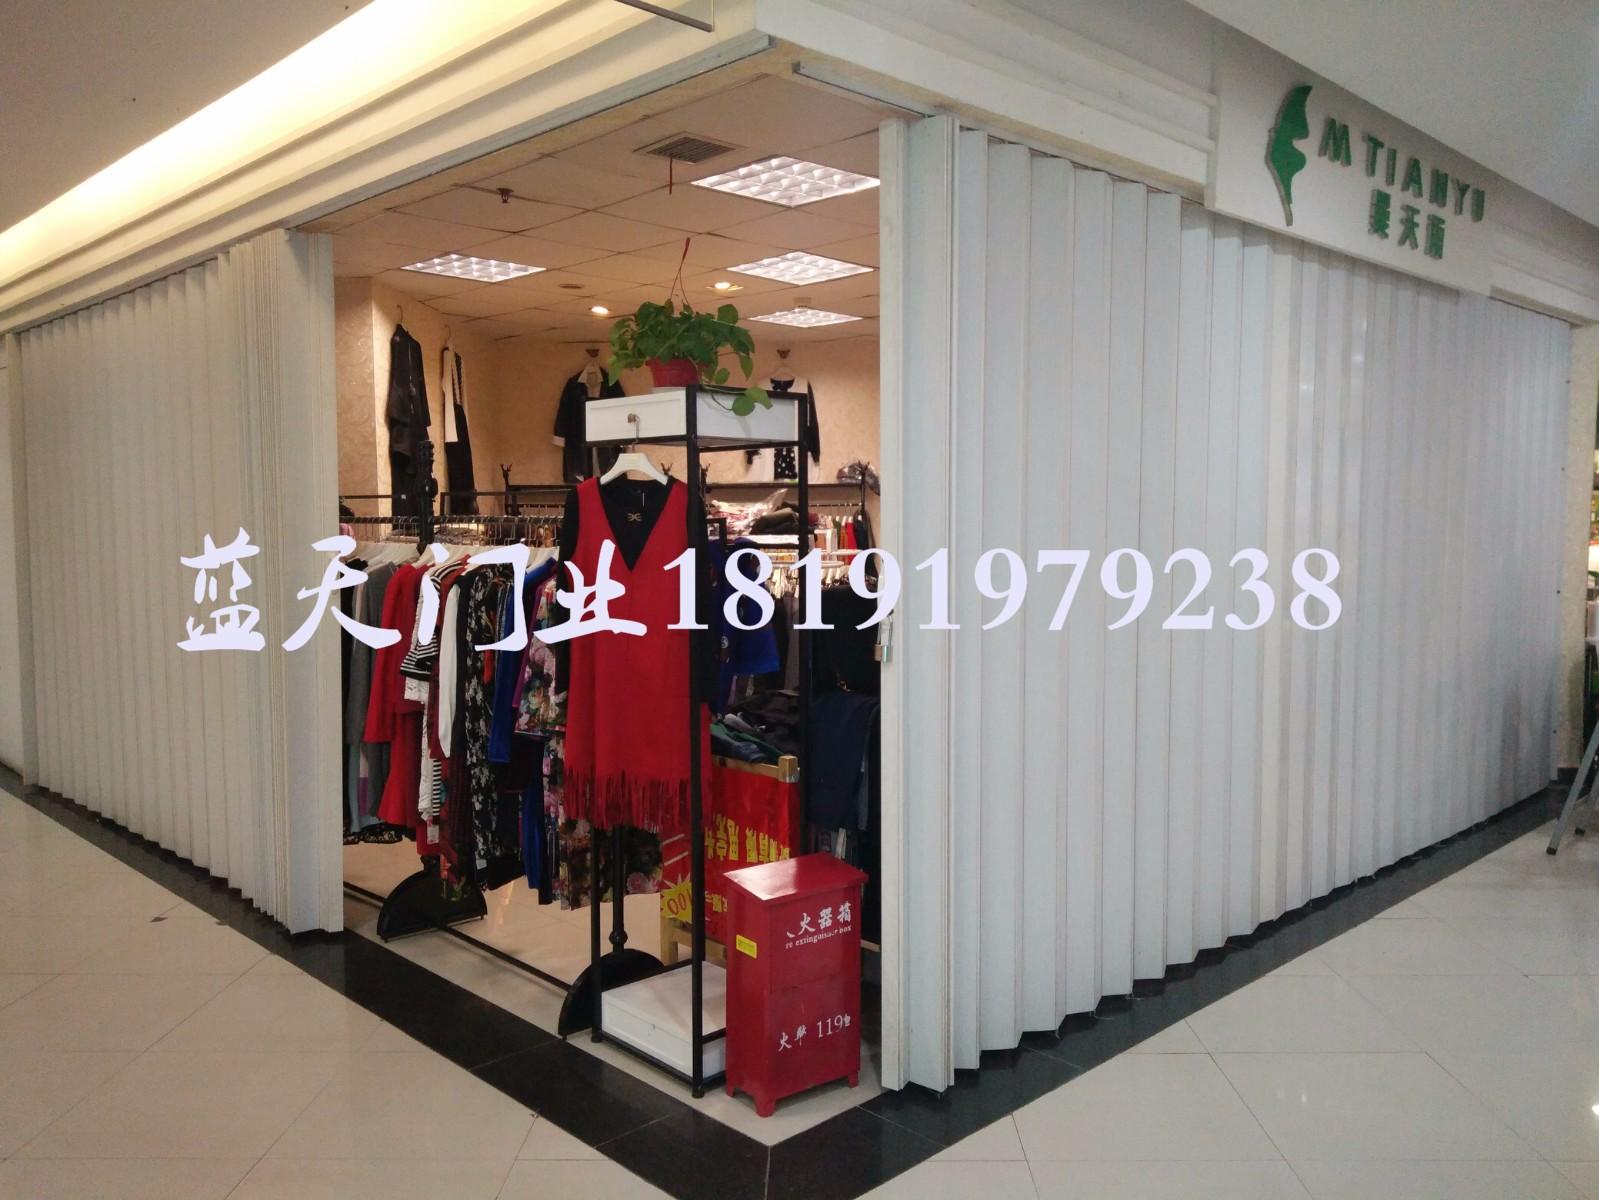 ab5cc478978ce8f17580897dec53c73f_meitu_3.jpg